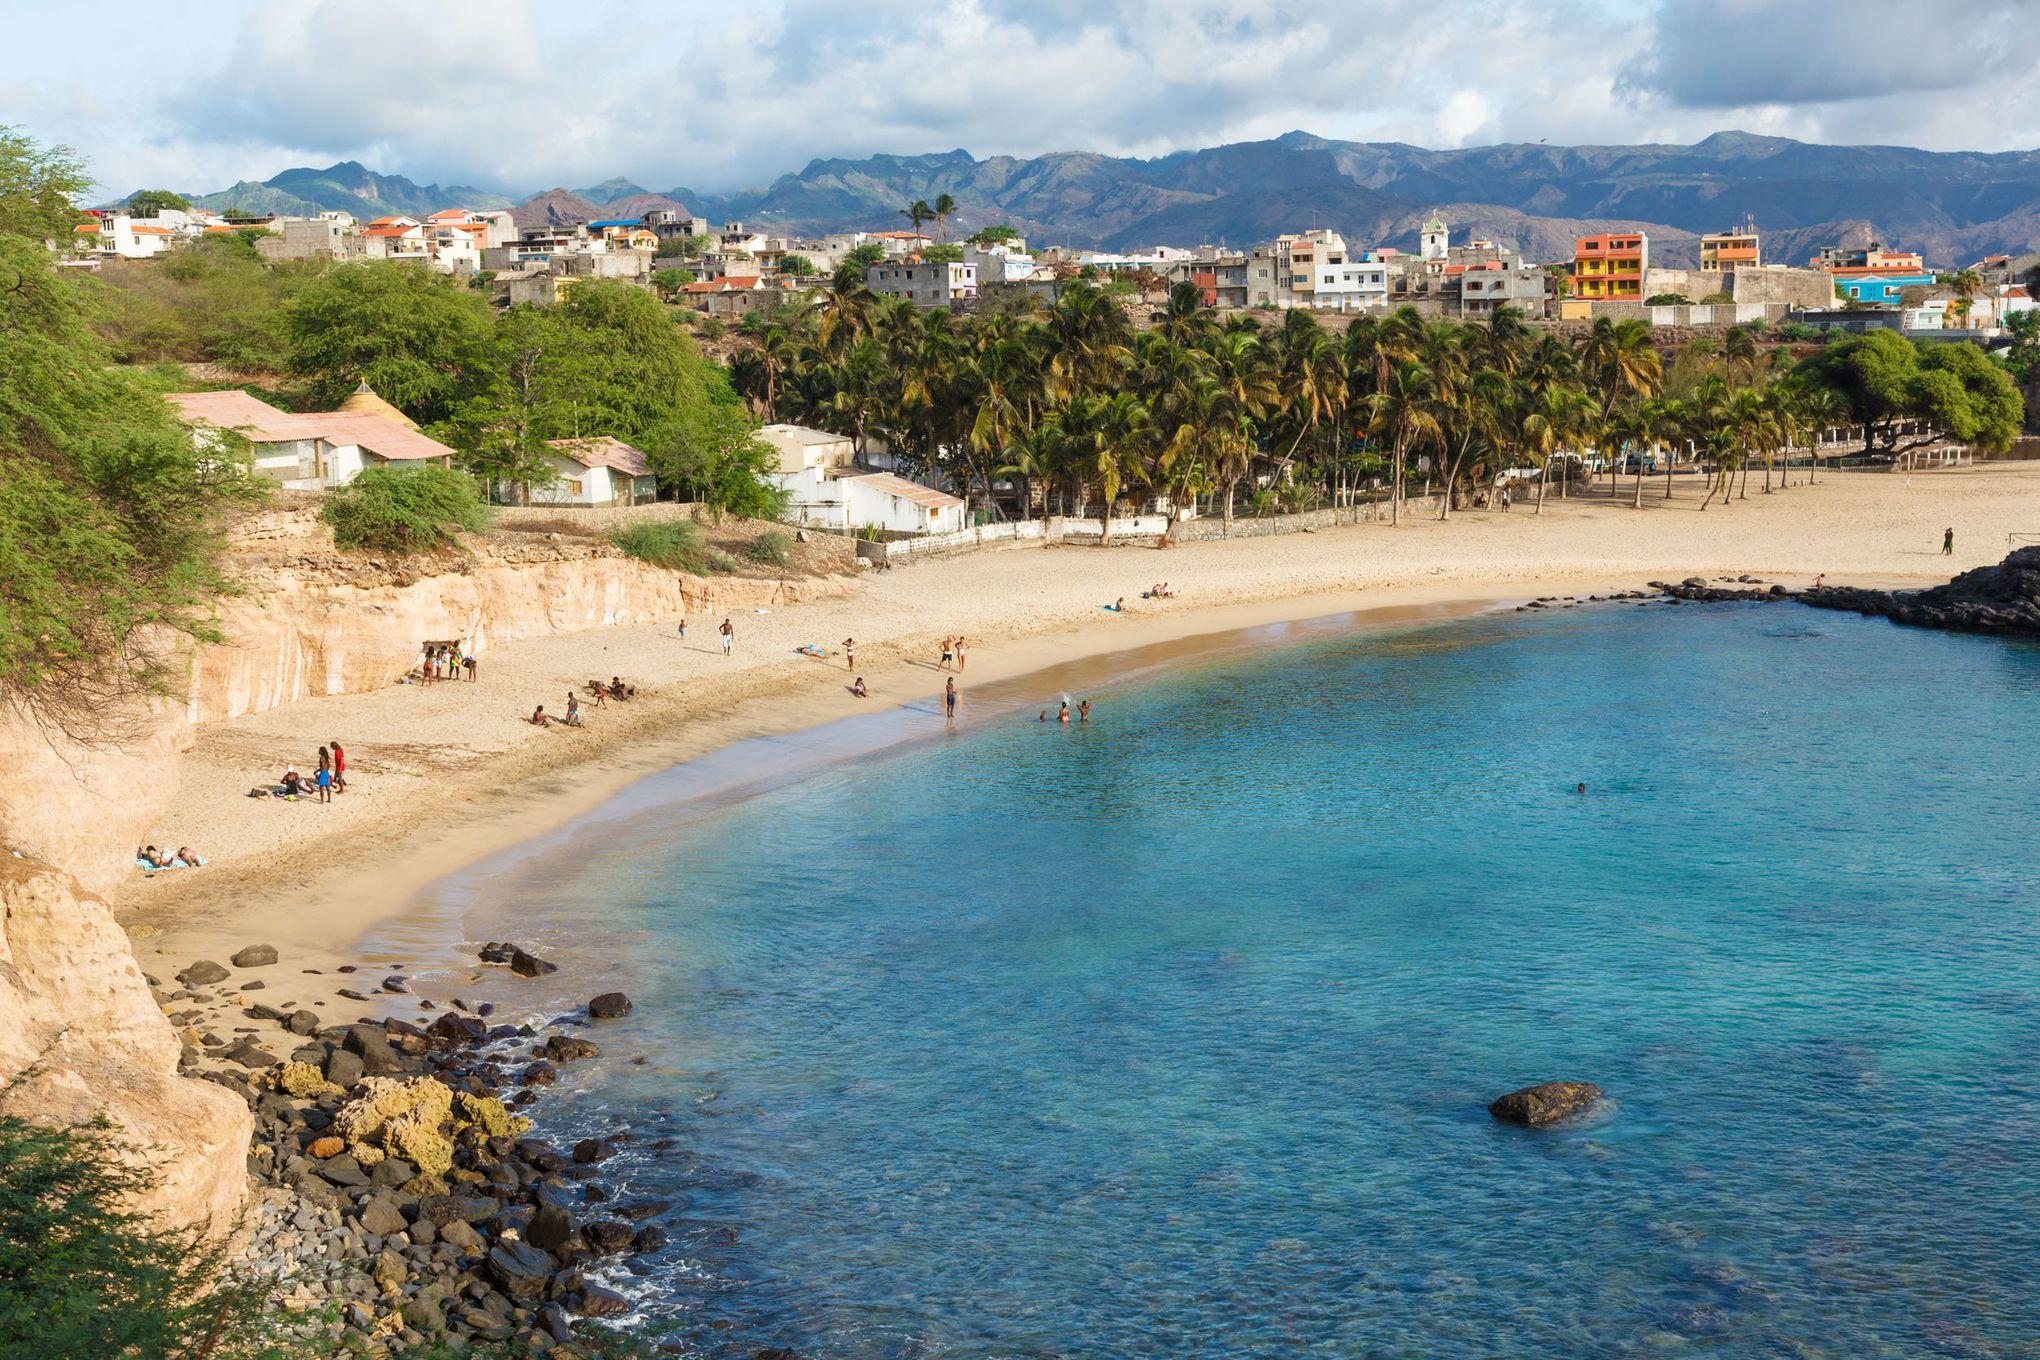 Palmen, Sand und kristallklares Wasser: Der Strand bei Tarrafal auf Santiago